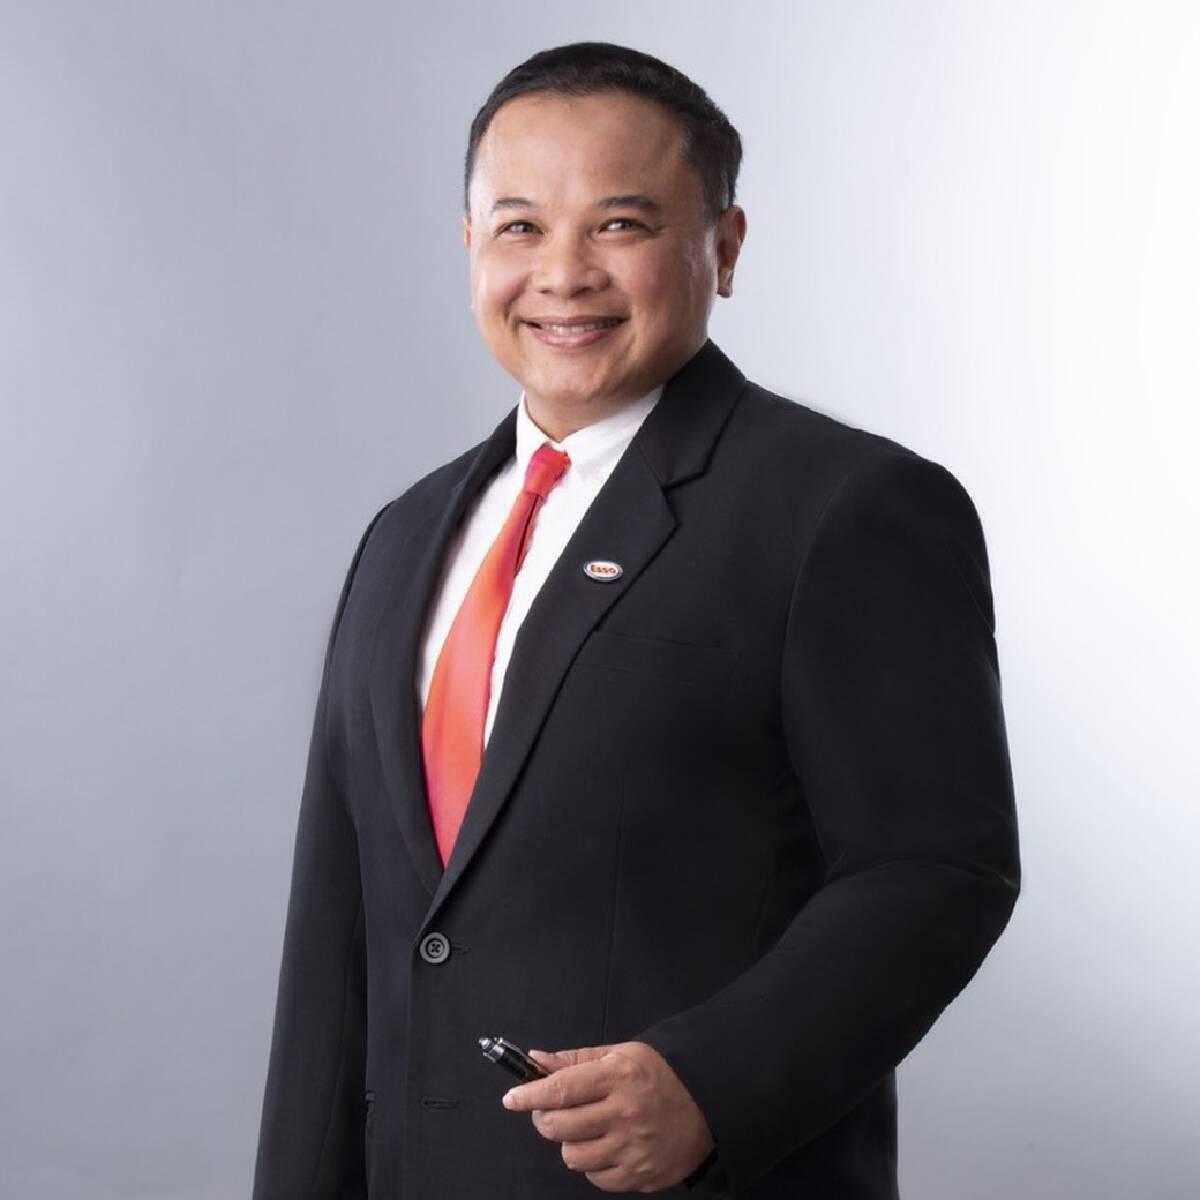 ดร. ทวีศักดิ์ บรรลือสินธุ์ กรรมการ บริษัท เอสโซ่ (ประเทศไทย) จำกัด (มหาชน) และ ผู้จัดการฝ่ายกิจกรรมองค์กรและรัฐกิจสัมพันธ์ บริษัท เอ็กซอนโมบิล จำกัด